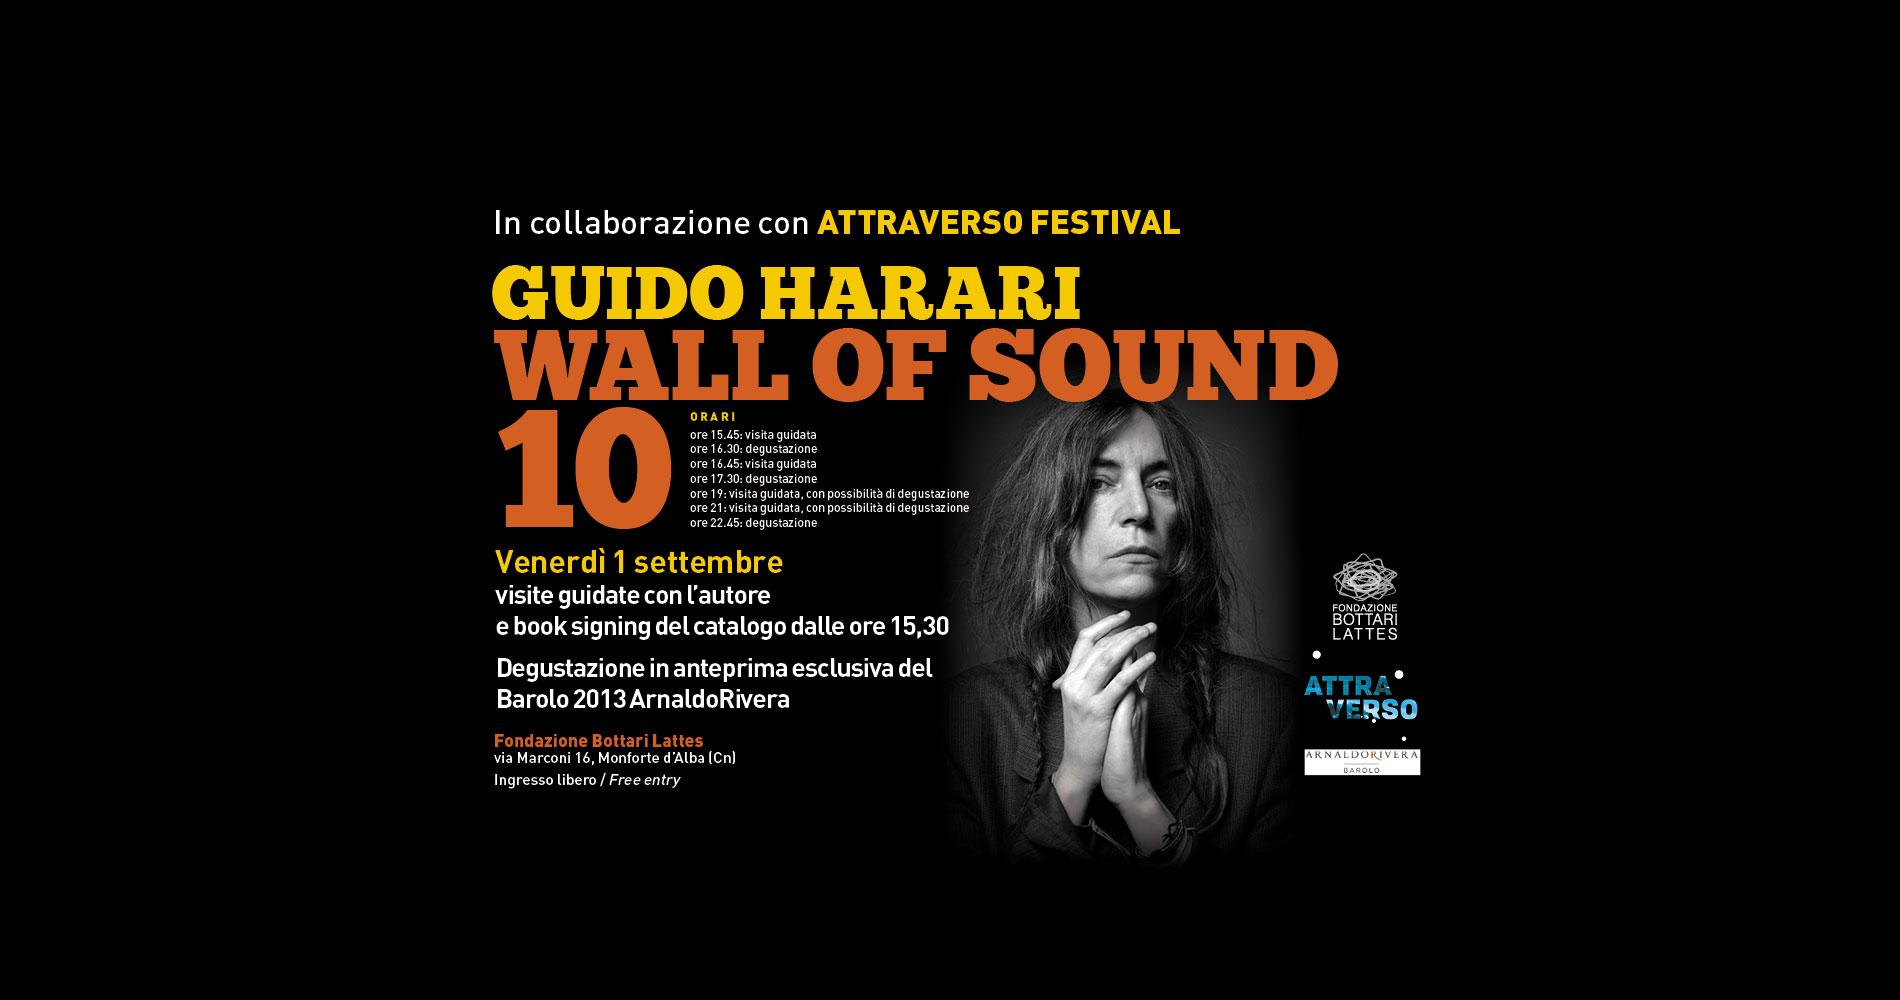 In occasione di Attraverso Festival il fotografo Guido Harari  racconta la mostra Wall of Sound 10 alla Fondazione Bottari Lattes